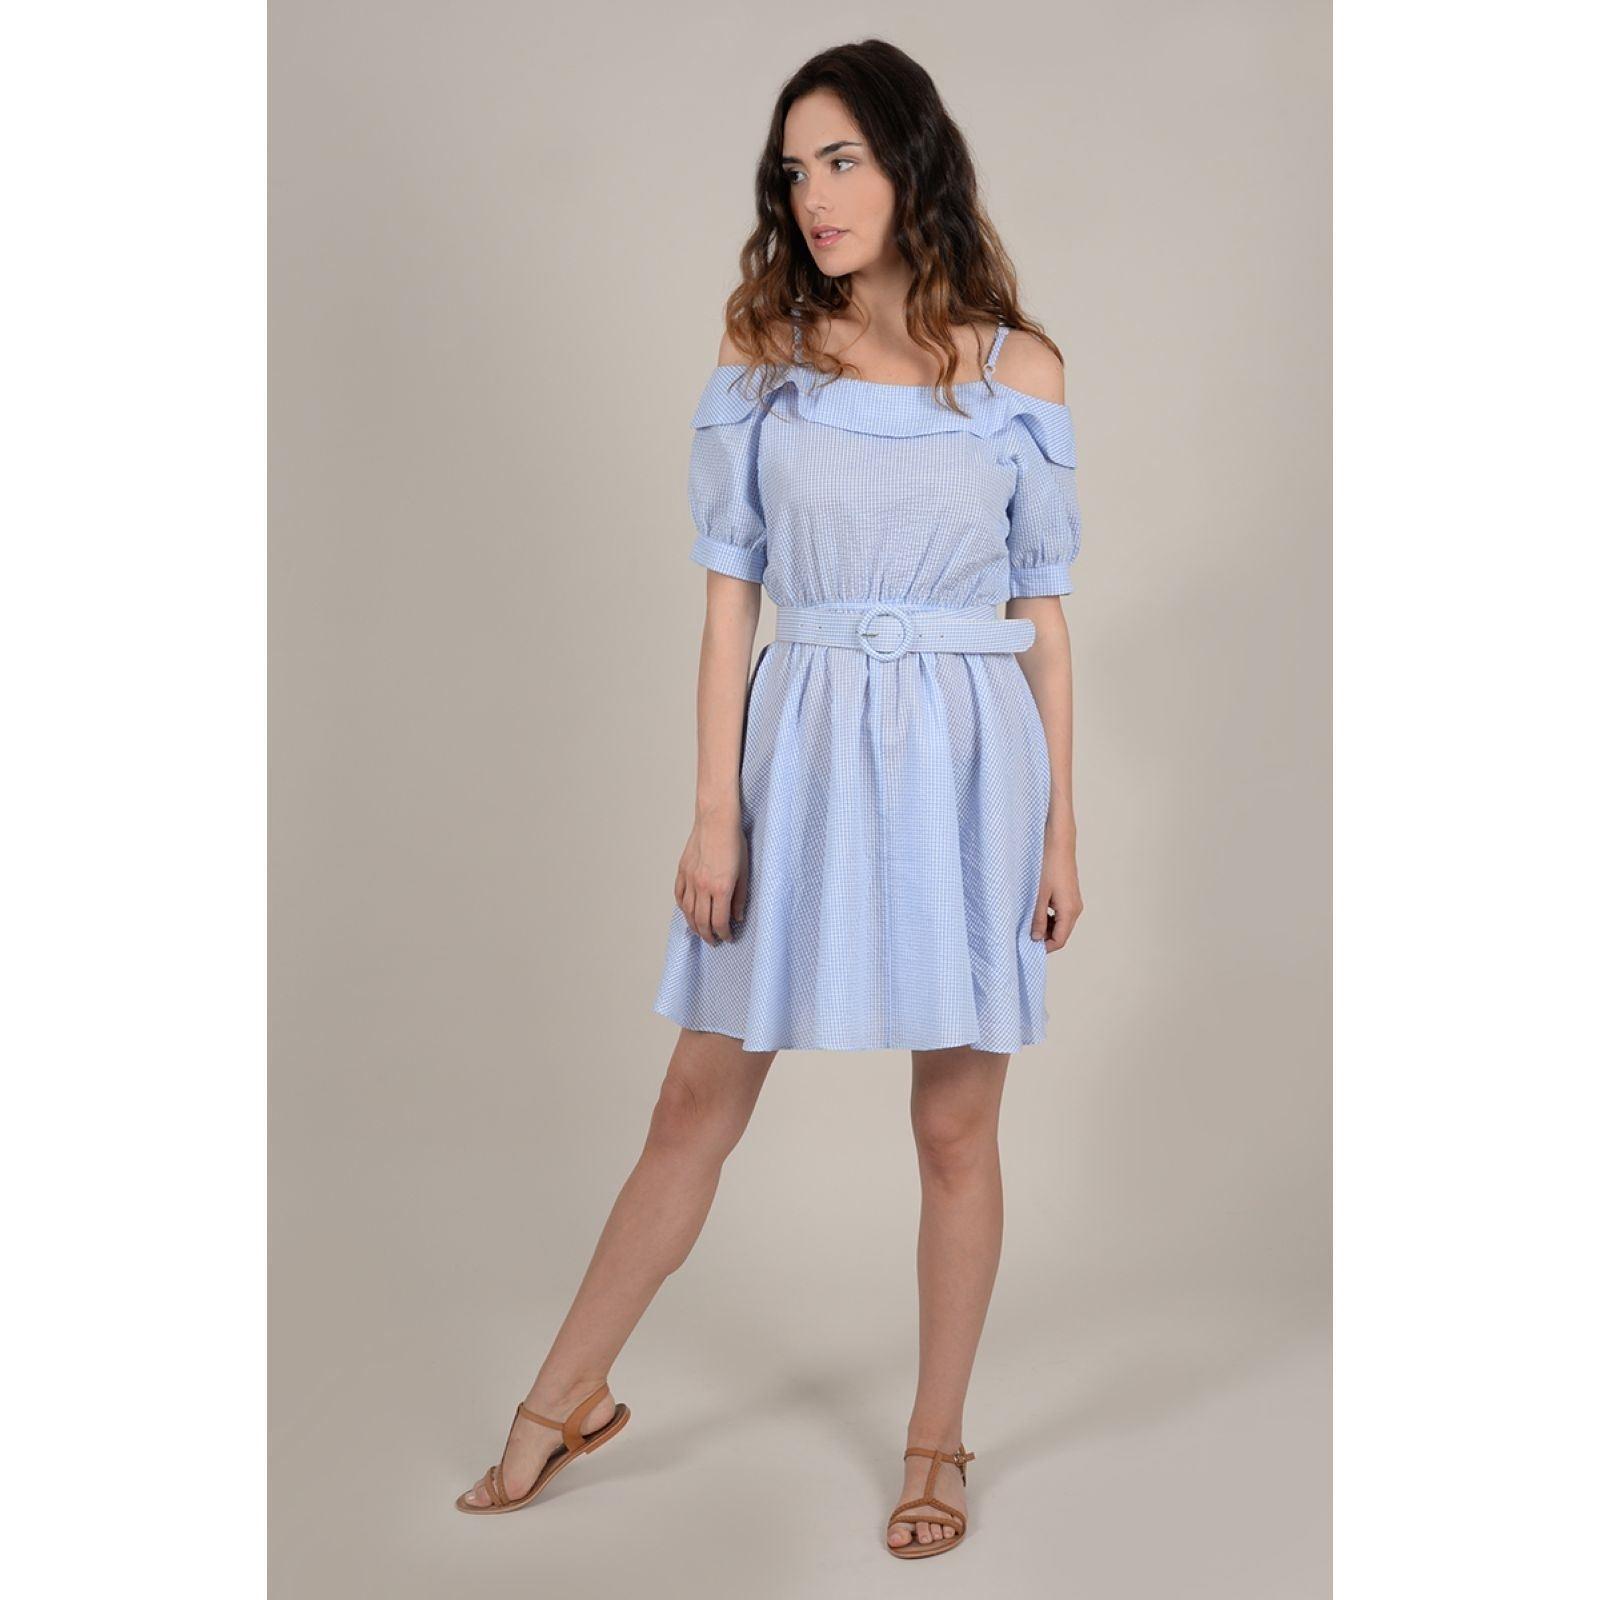 Designer Ausgezeichnet Kleid Hellblau ÄrmelAbend Großartig Kleid Hellblau Vertrieb